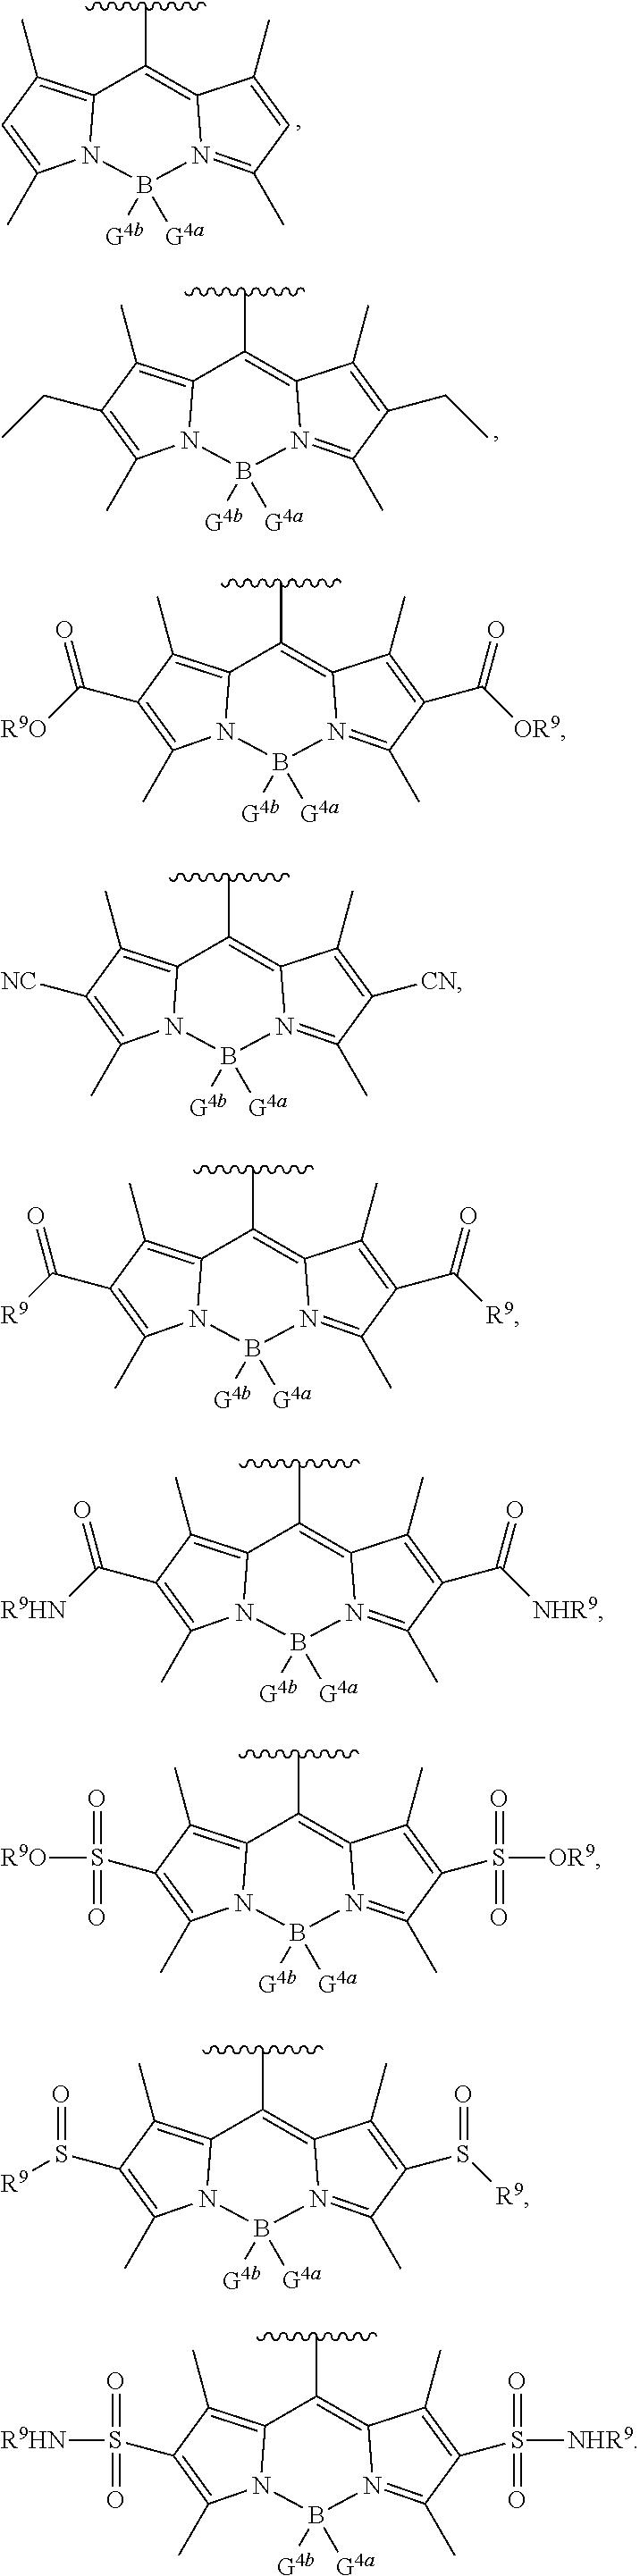 Figure US10119972-20181106-C00012